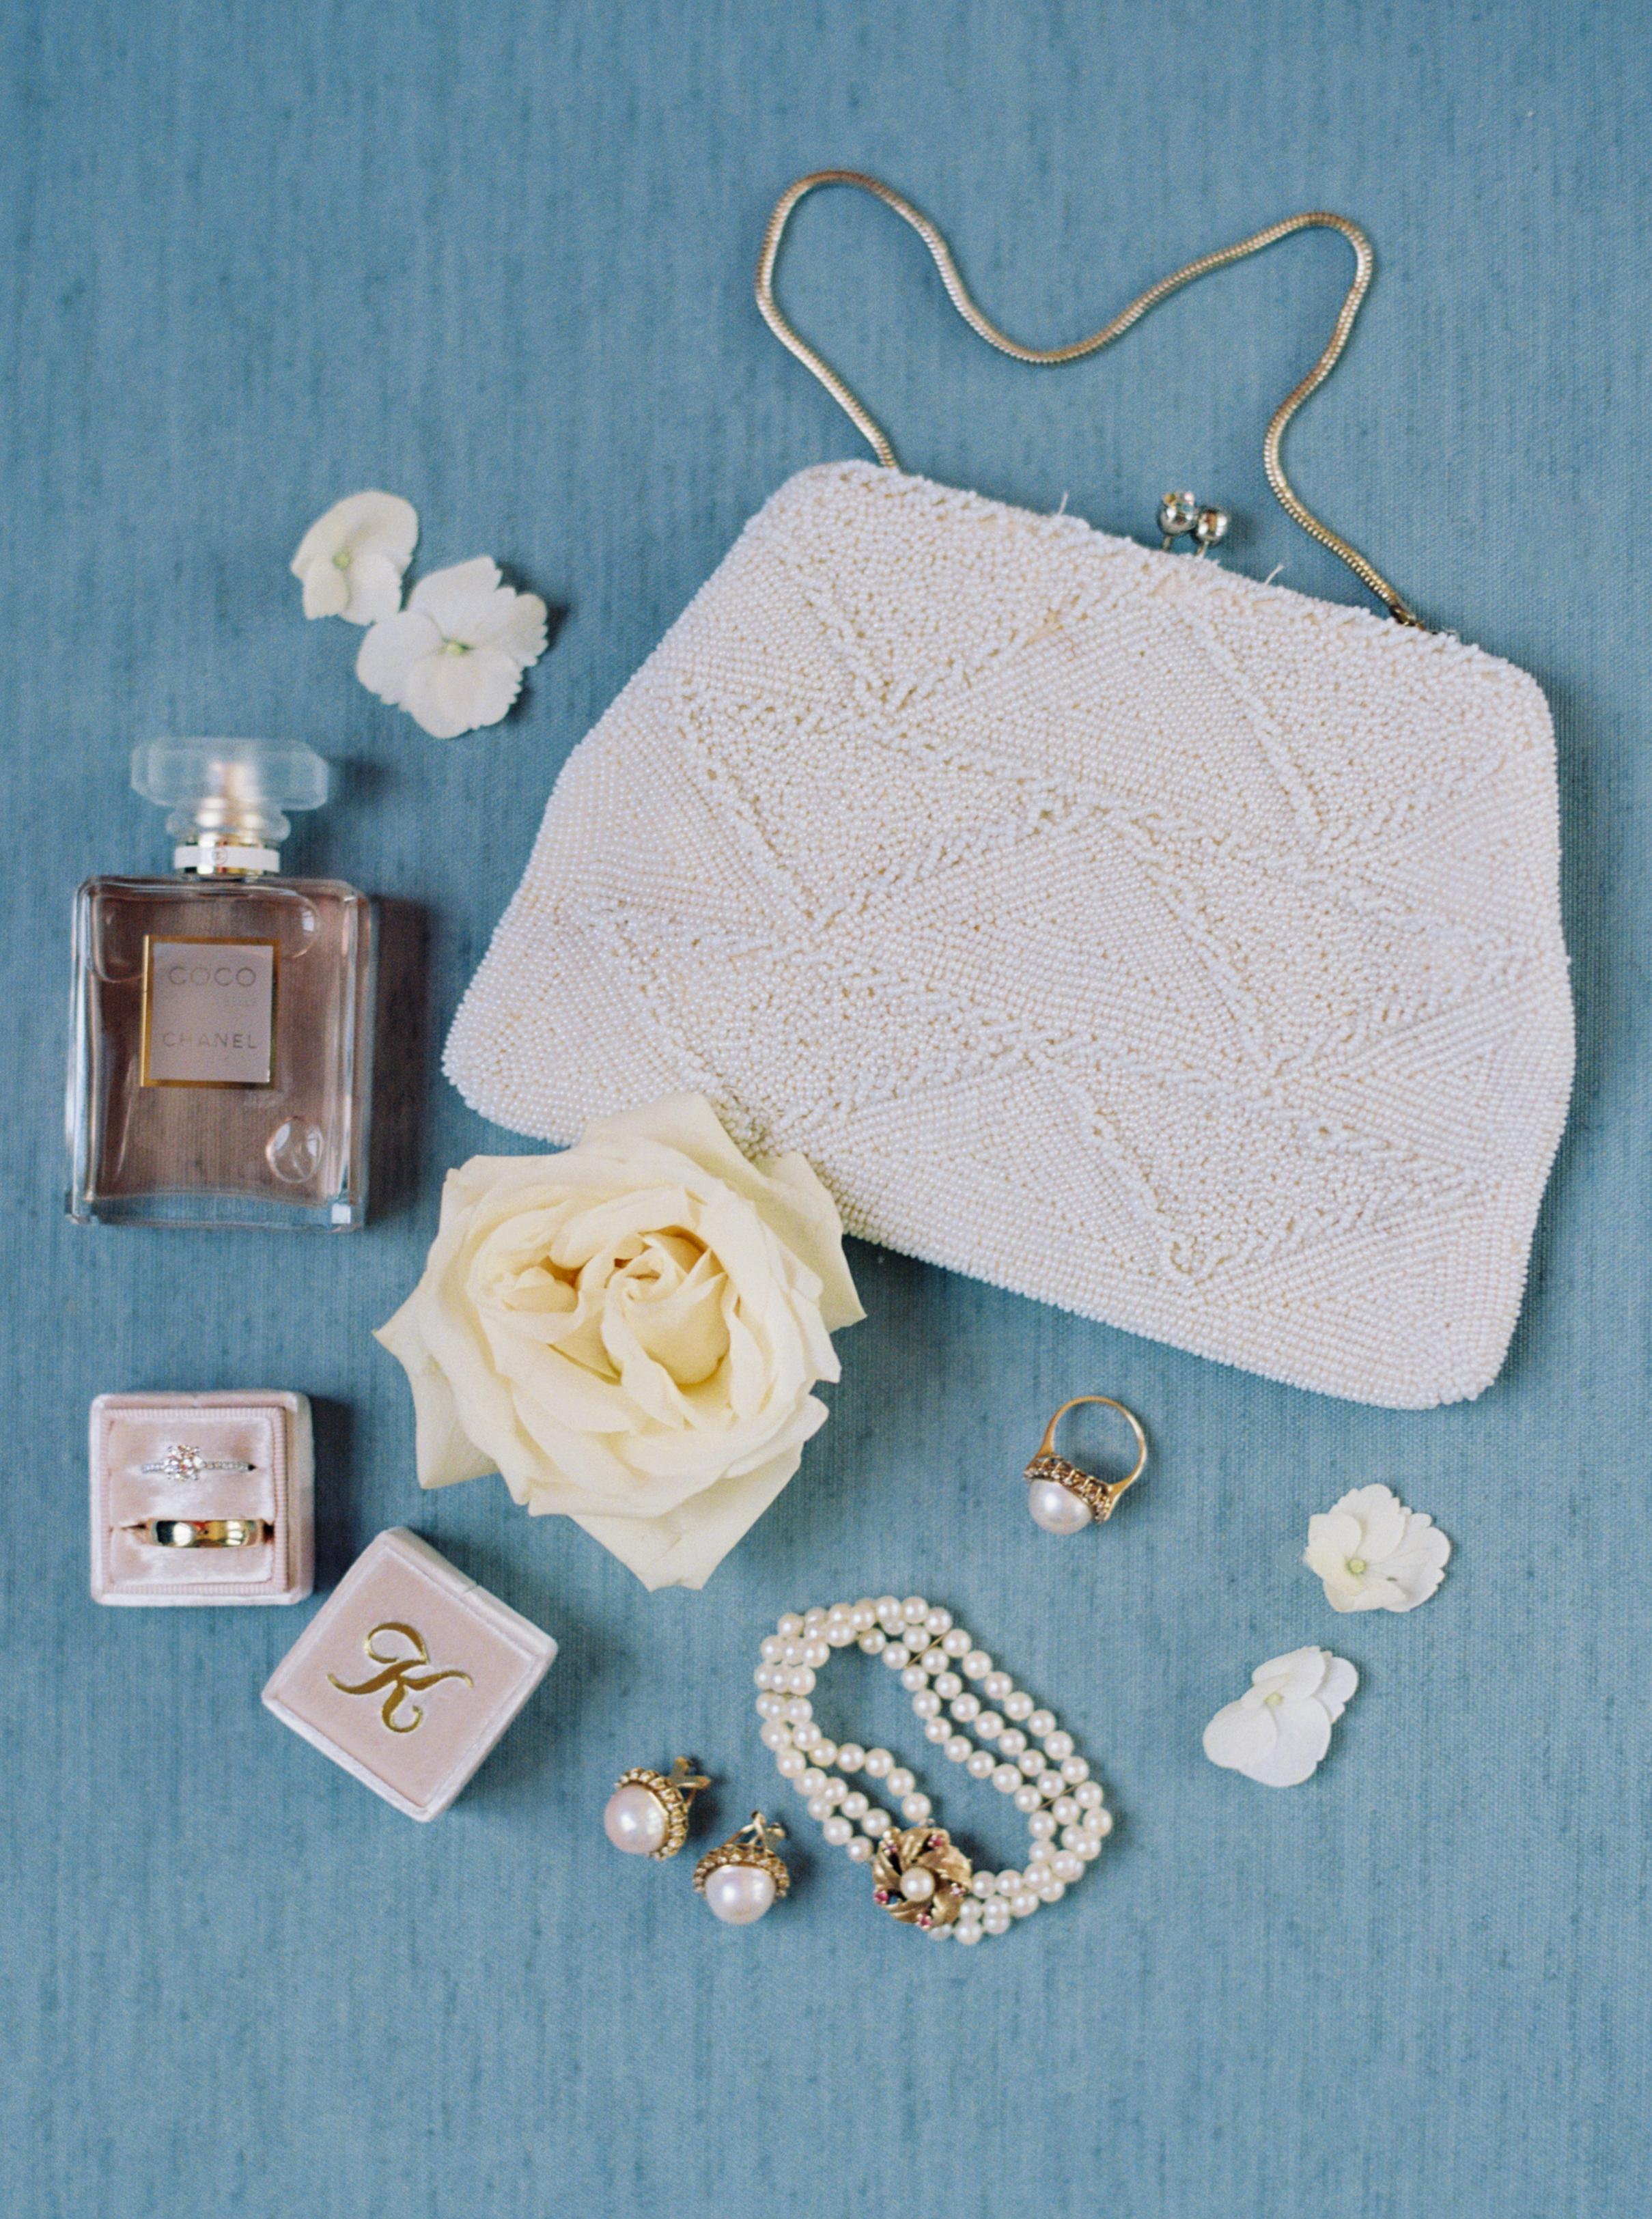 wedding day accessories.jpg